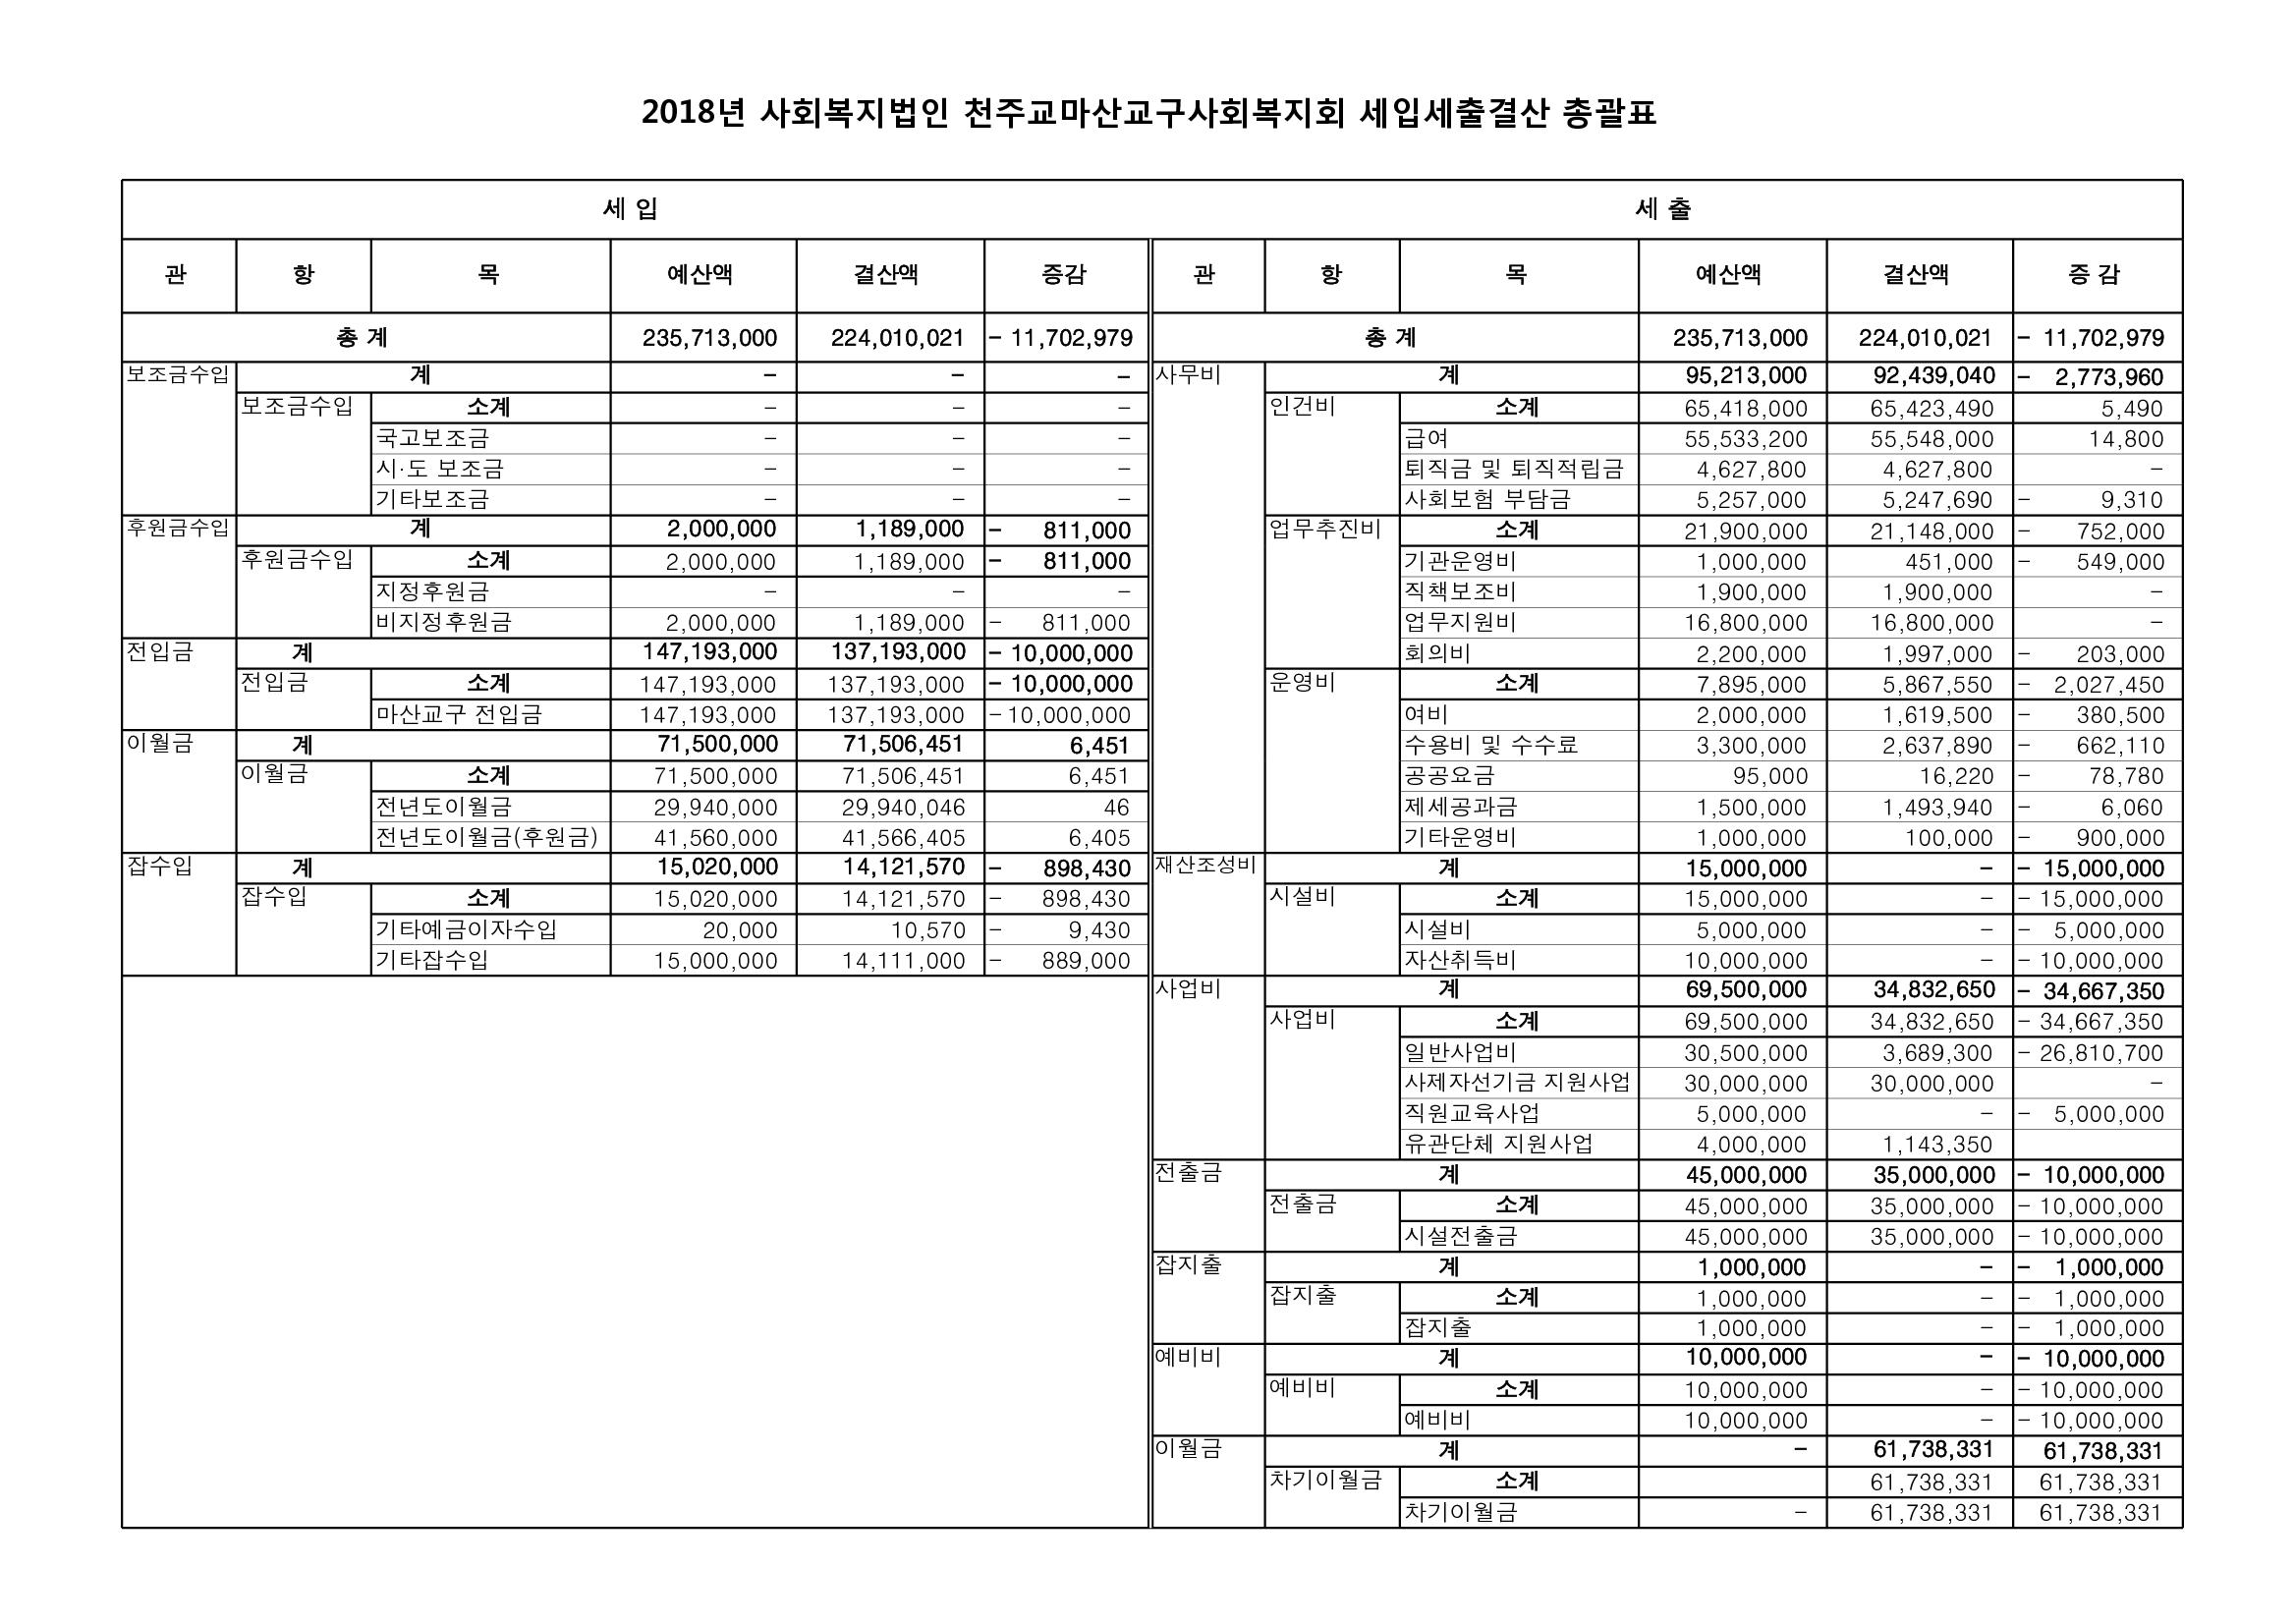 2018년 천주교마산교구사회복지회 결산서_1.png